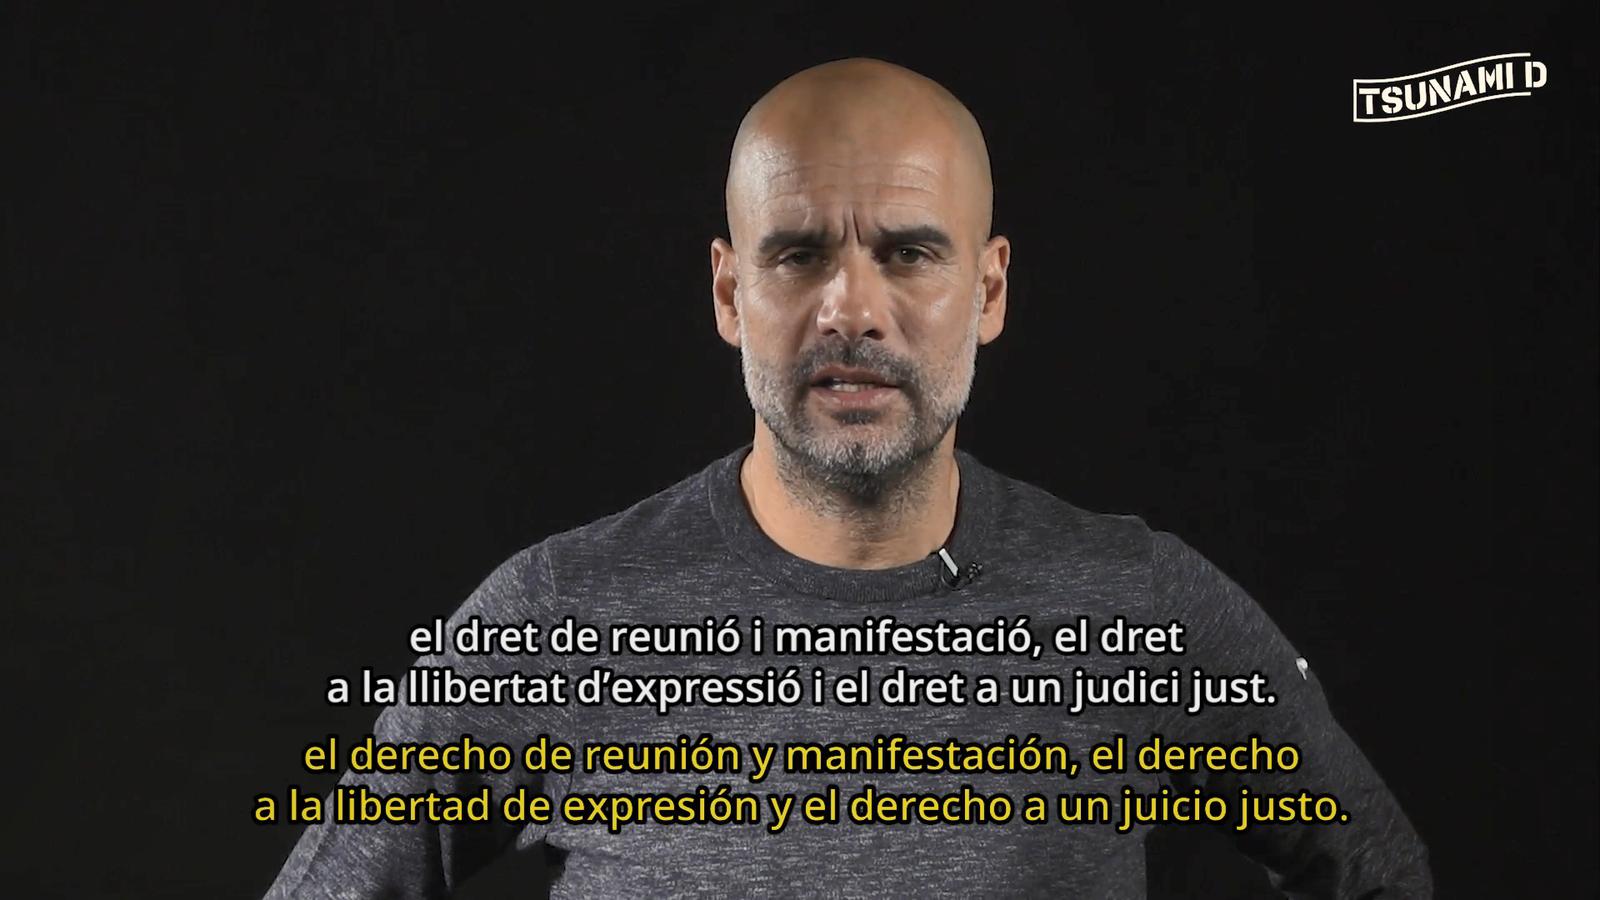 Pep Guardiola llegeix el comunicat de Tsunami Democràtic